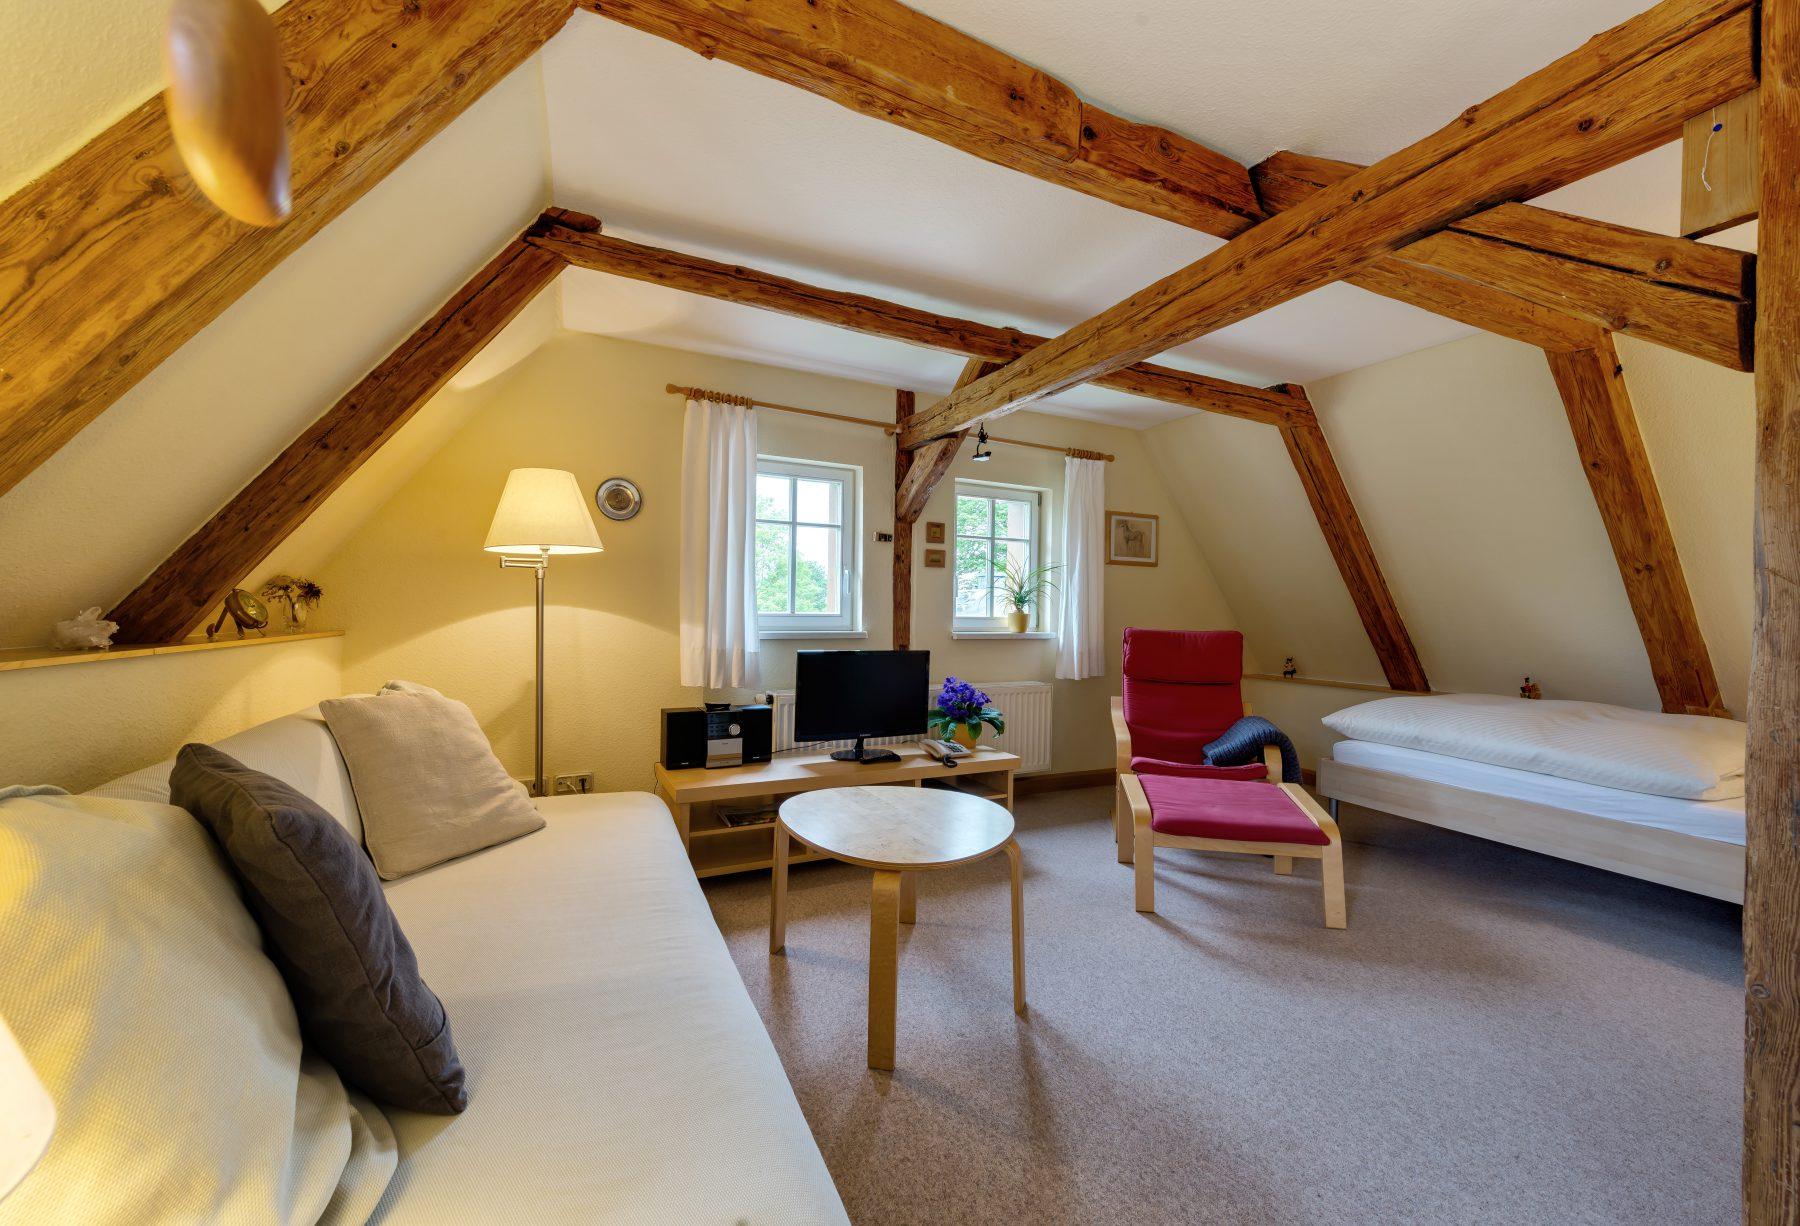 Ferienwohnung im Verlegerhaus Seiffen Kategorie N3b Detail Wohn-/Schlafbereich